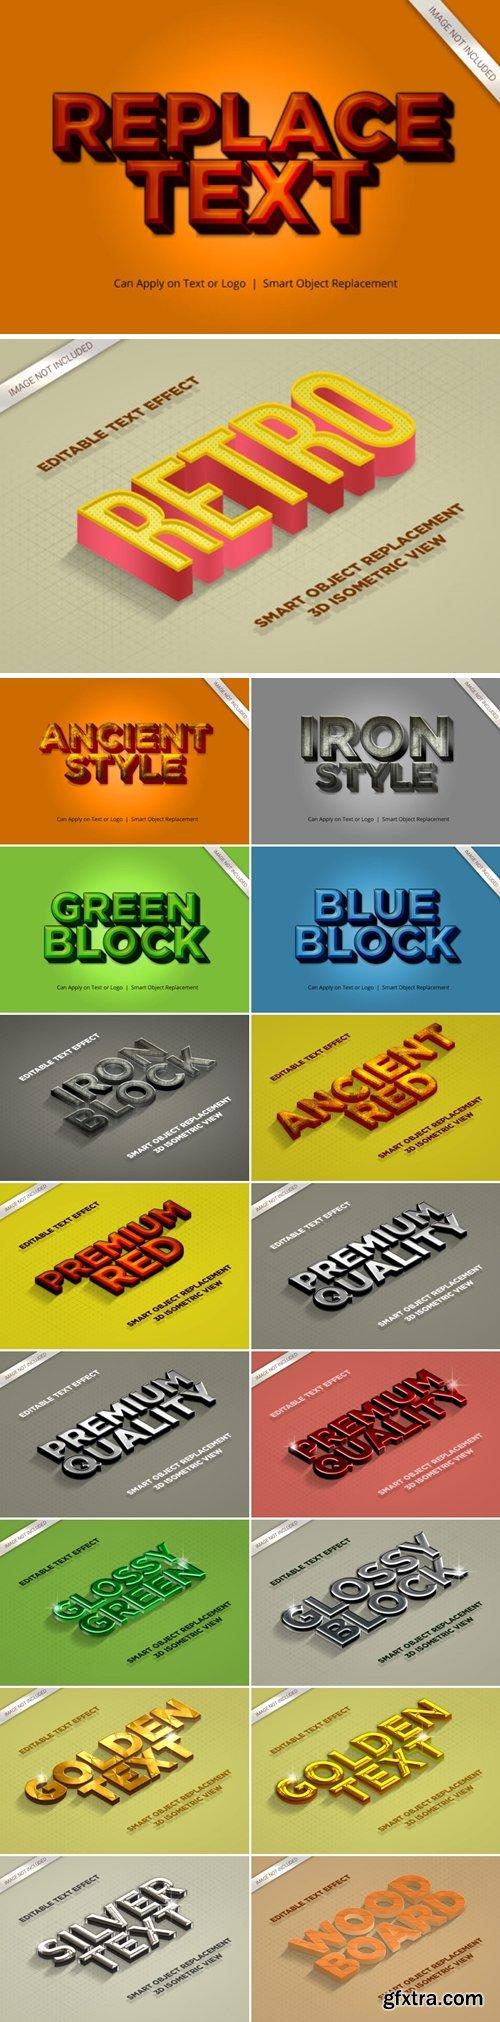 3D Mockup Text Effect Style Bundle